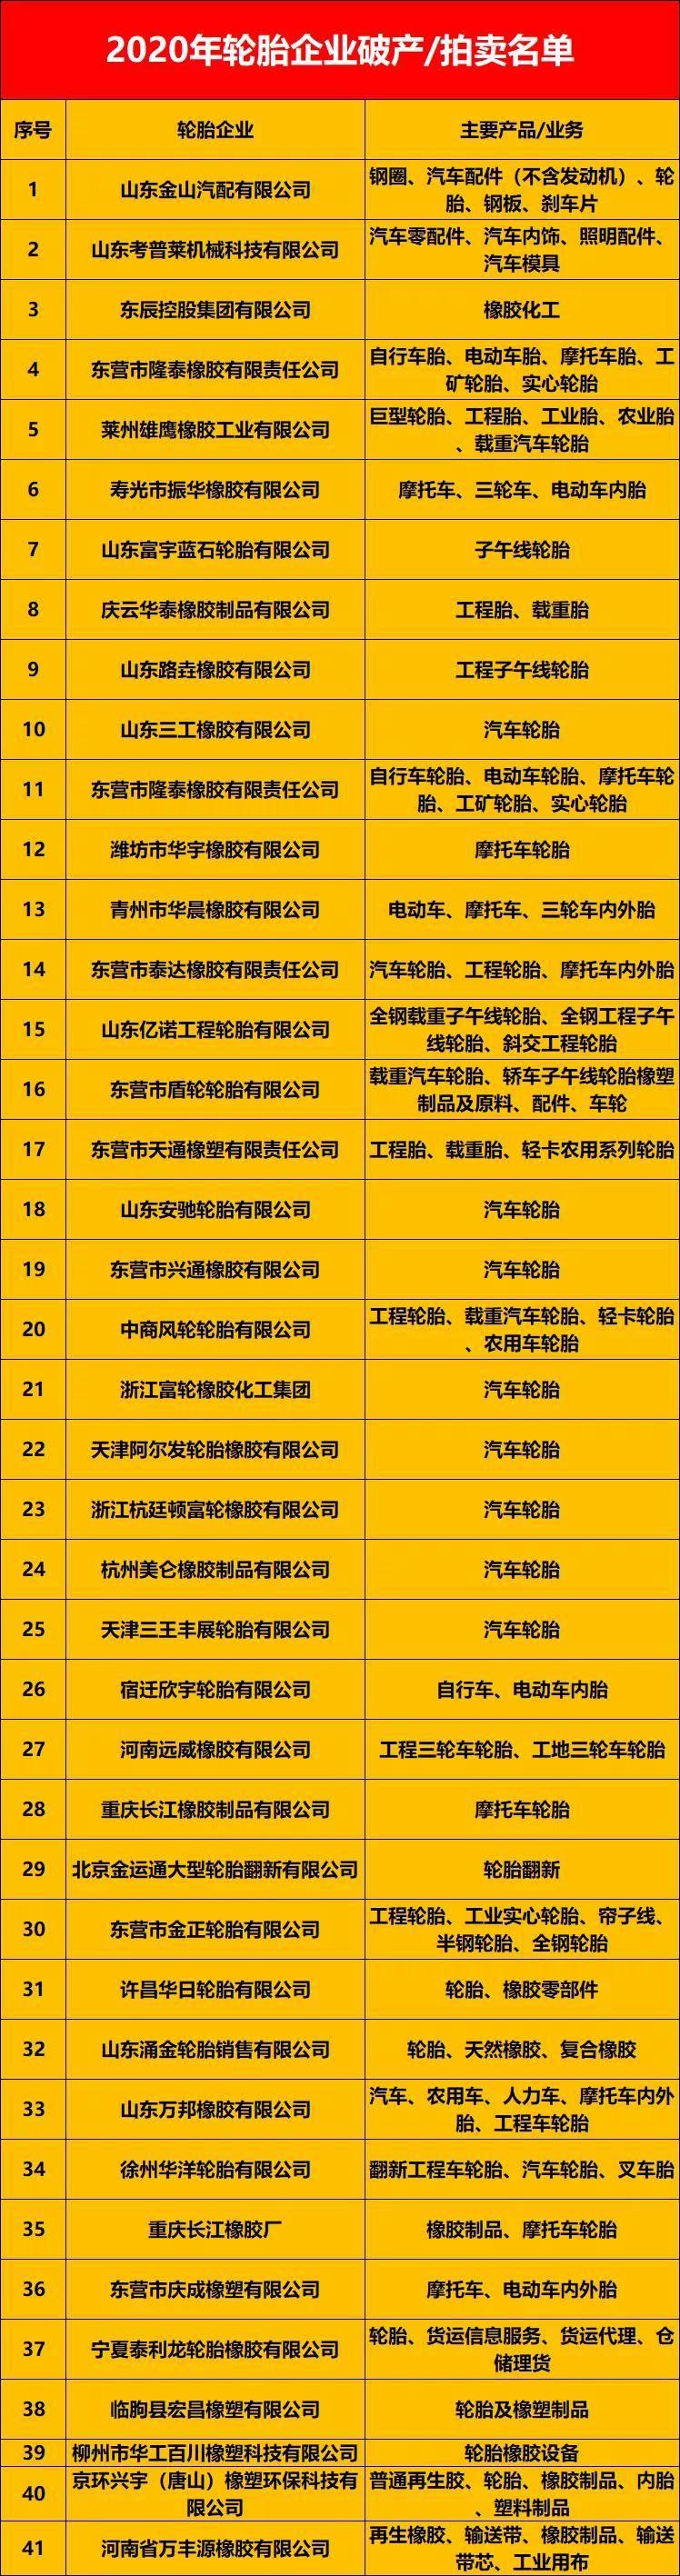 """原102家轮胎企业的""""死亡名单"""",很多都被列前75!"""